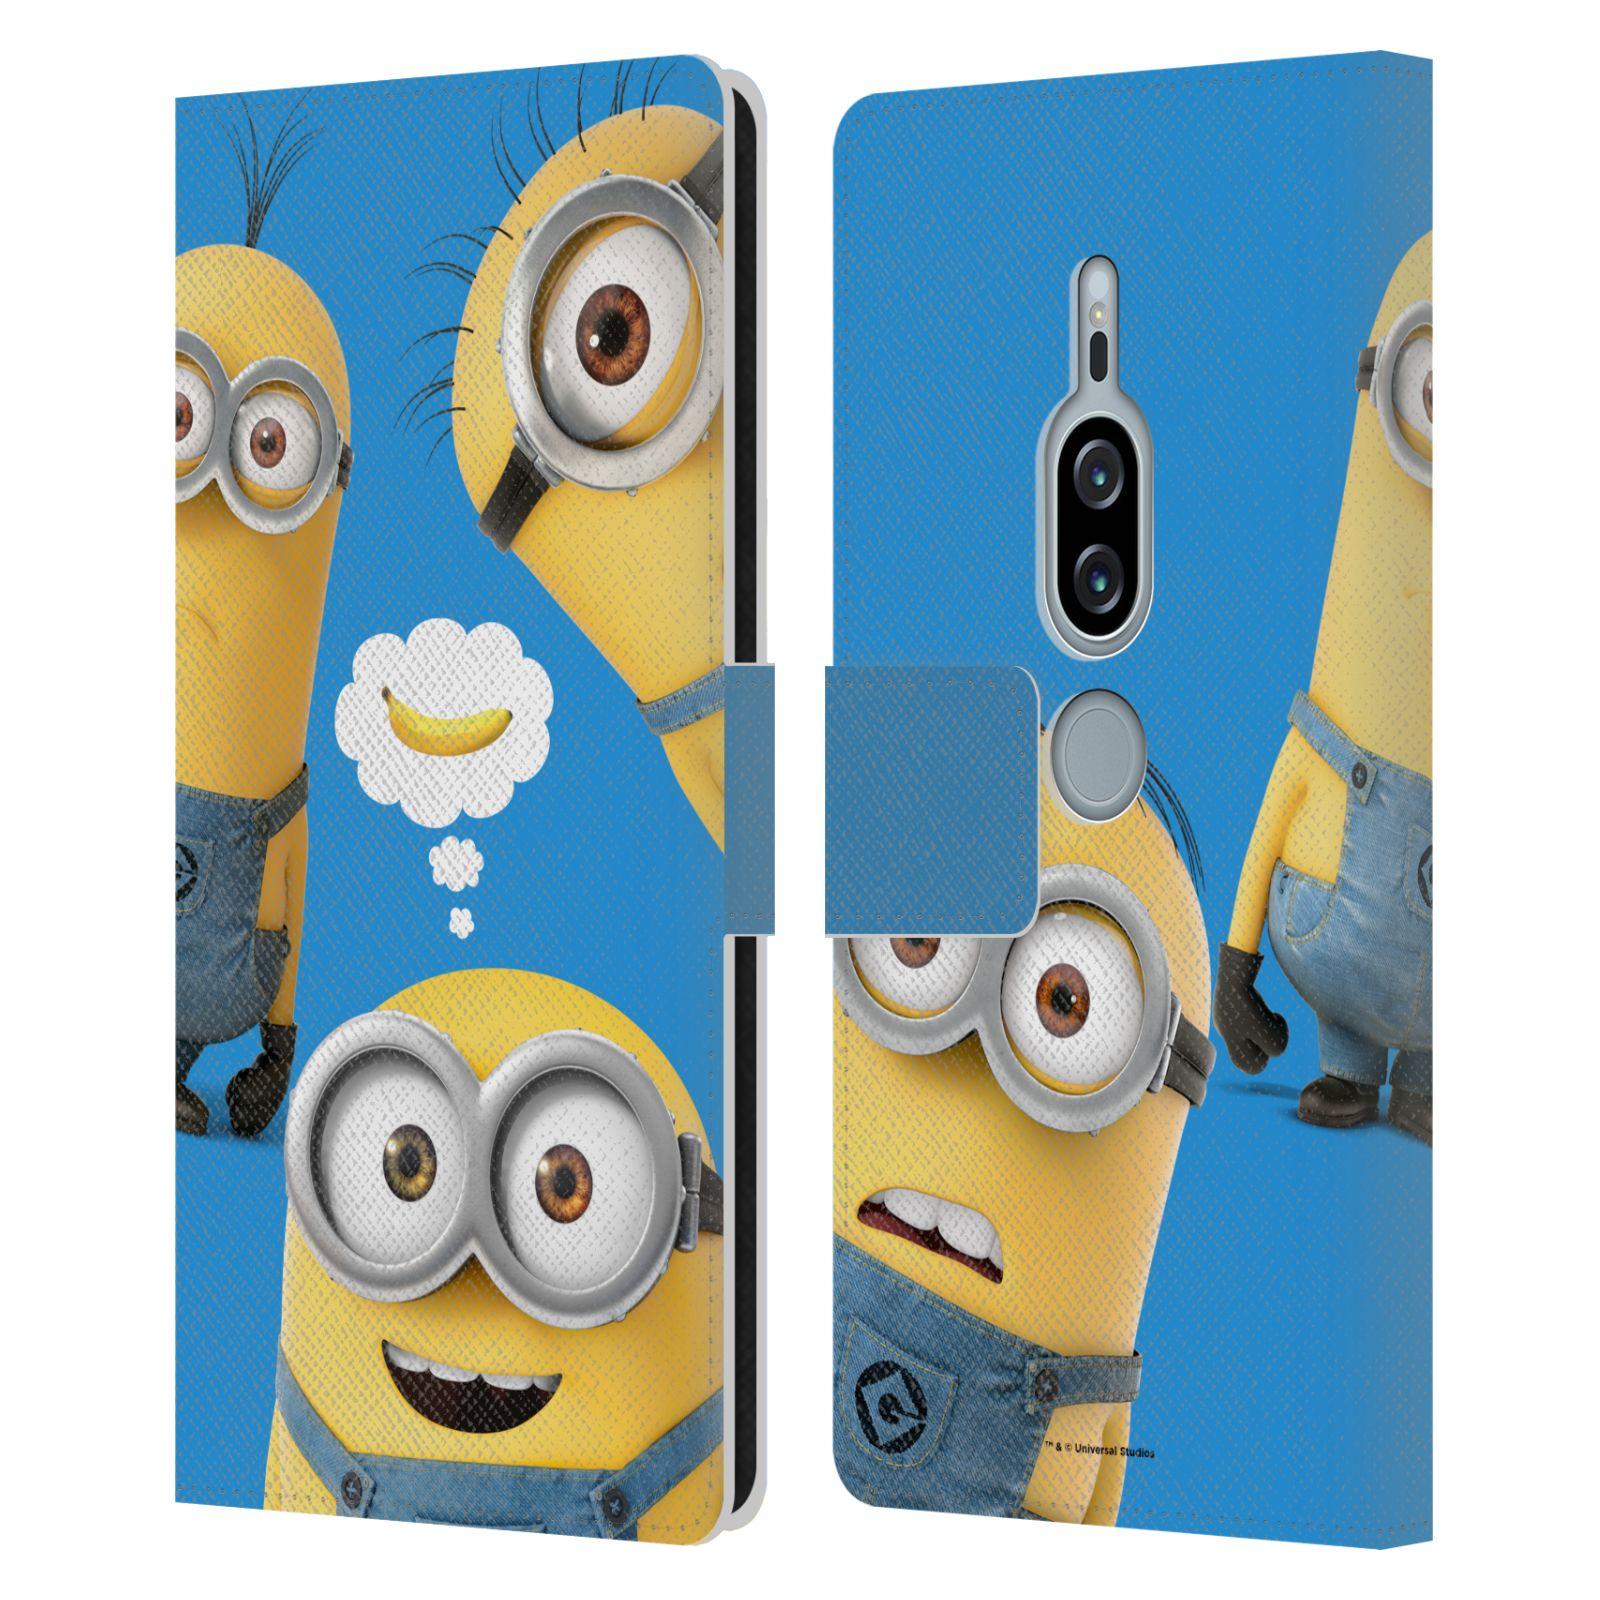 Pouzdro na mobil Sony Xperia XZ2 Premium - Head Case - Mimoni - Tři mimoni a banán